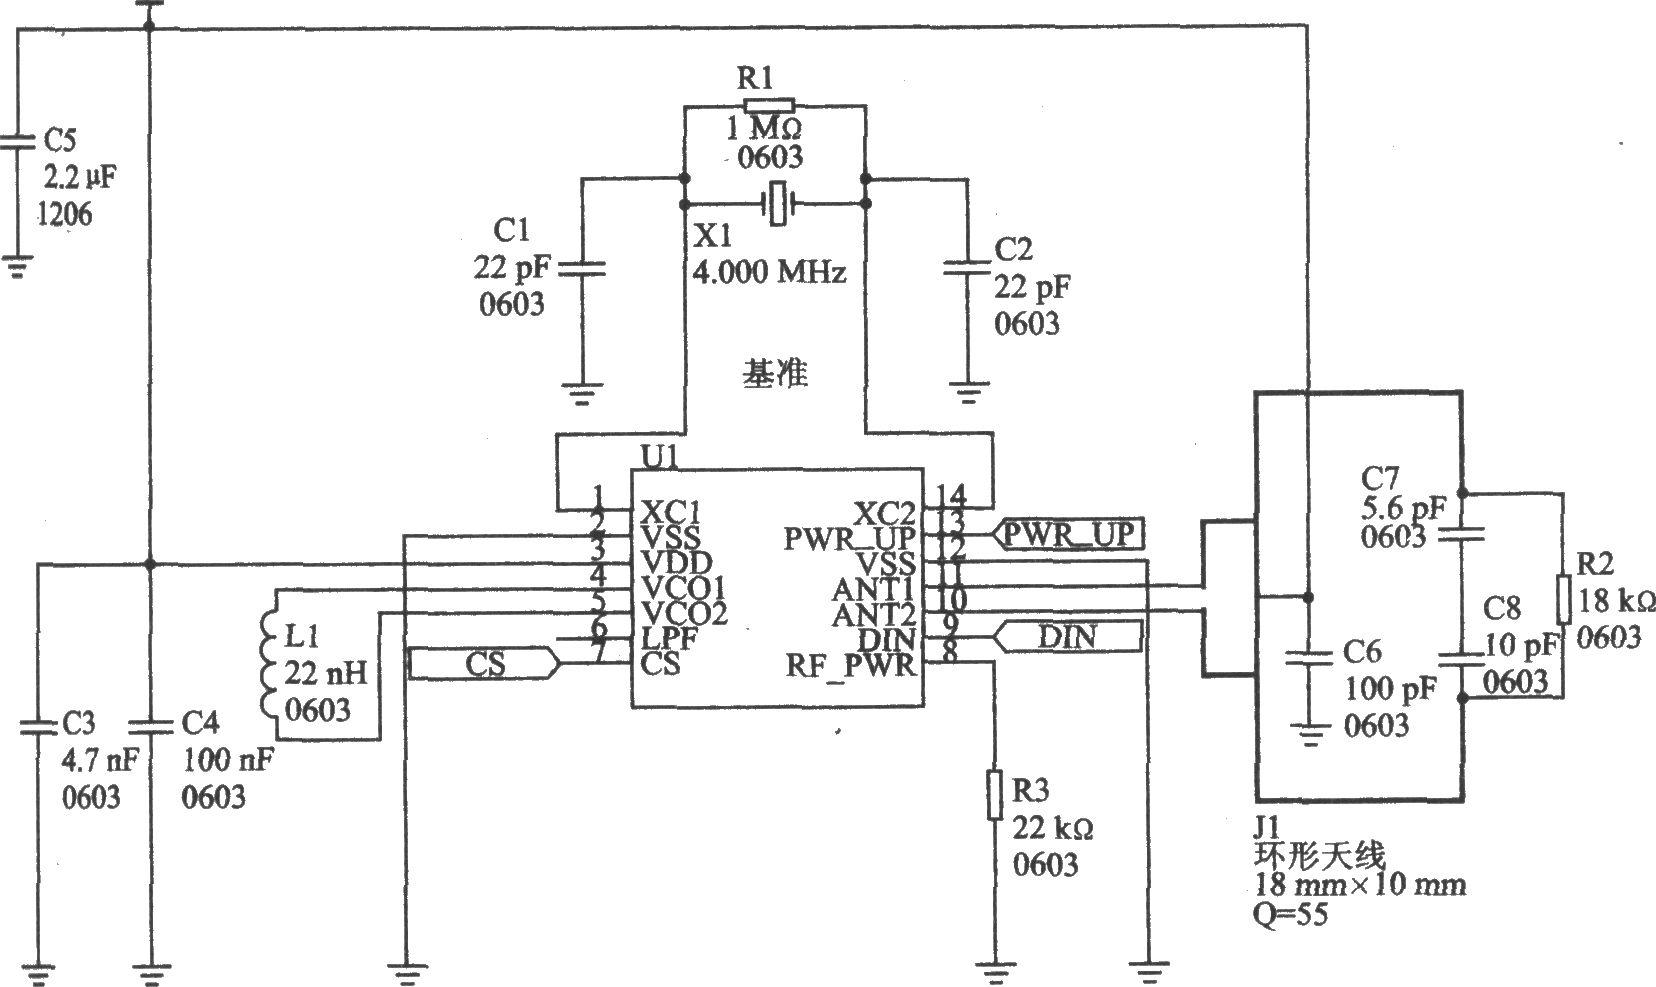 nRF402是单片UHF发射器,符合ETSI规范EN 300 220一I V1.2.1标准,适合报警器、自动读表、无键进入、家庭自动化、遥控和无线数字通信等应用。 主要技术特点如下: 工作频率为433.92或434.33 MHz; 数据传输速率为20 Kb/s; FSK调制方式; 电源电压为2.7~3.6 mV; 最大射频输出功率为10 dBm; 工作电流为8 mA,待机模式电流为8A; 天线接口是差动式结构,适合PCB天线,推荐天线通道差动负载阻抗为400 。  nRF402的应用